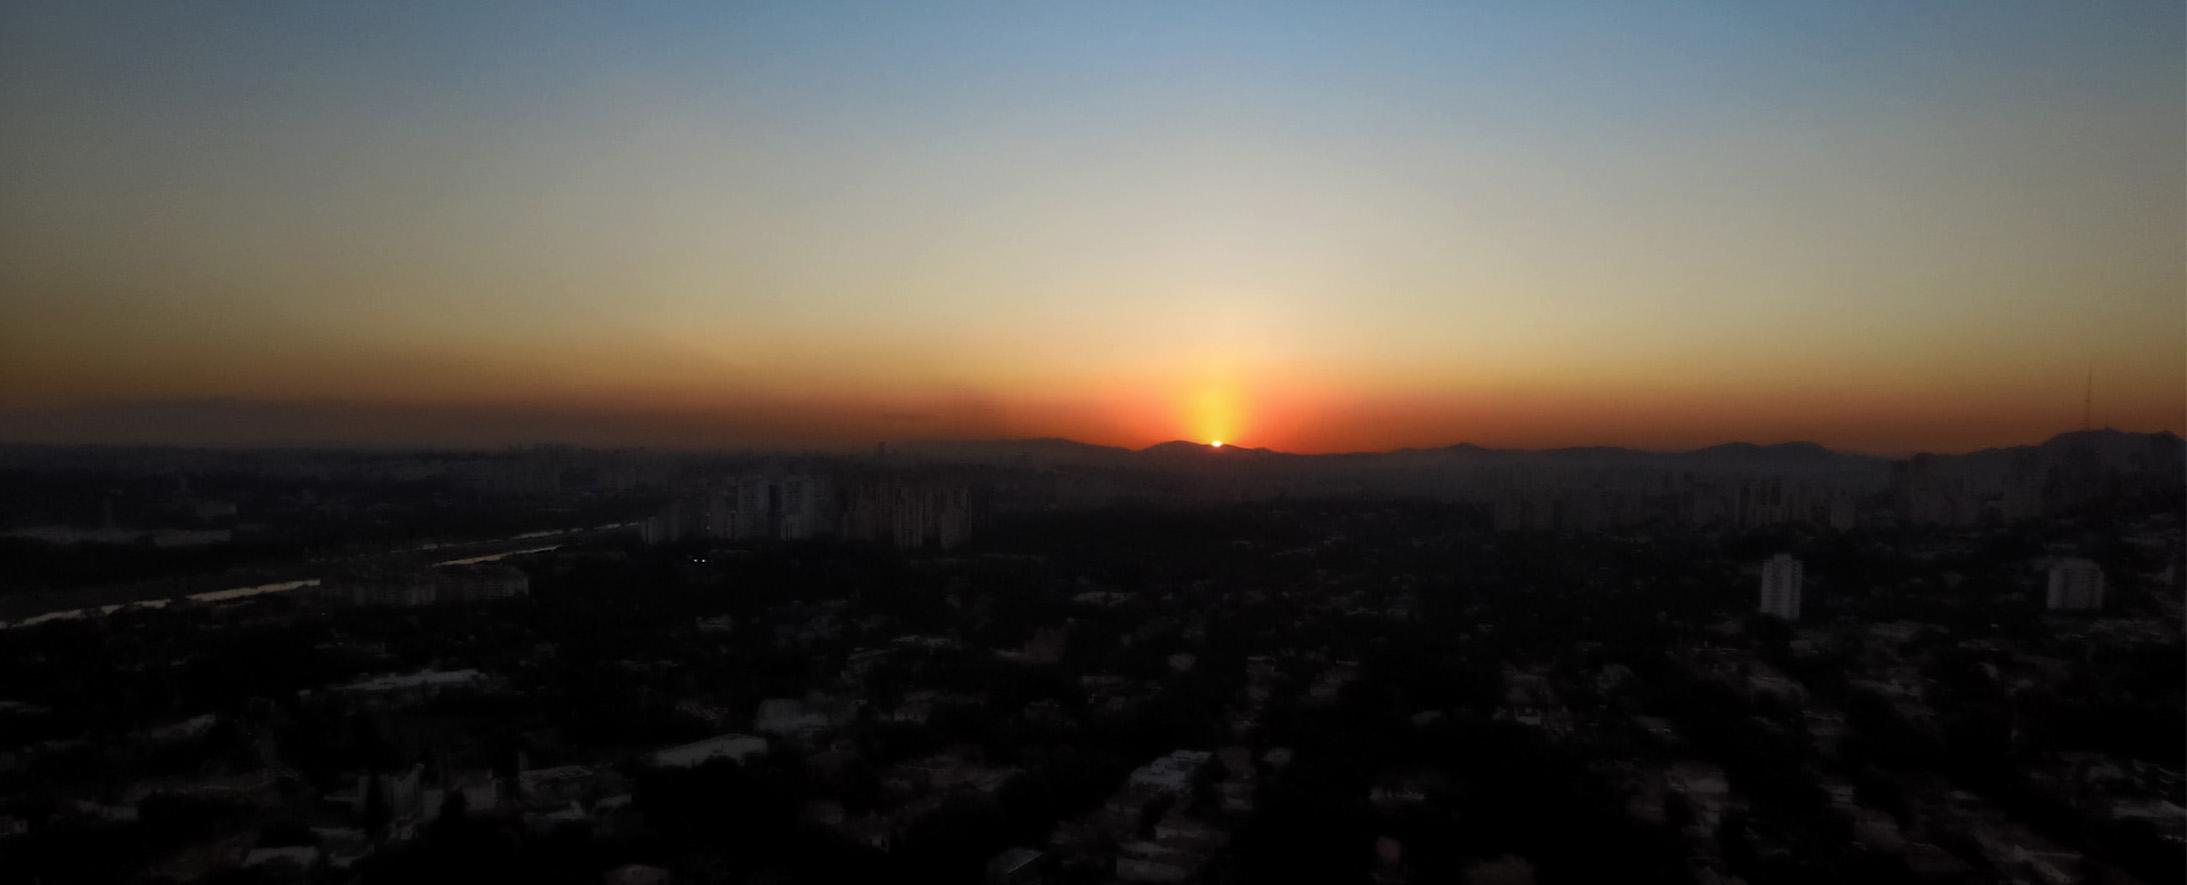 Pôr do sol em São Paulo